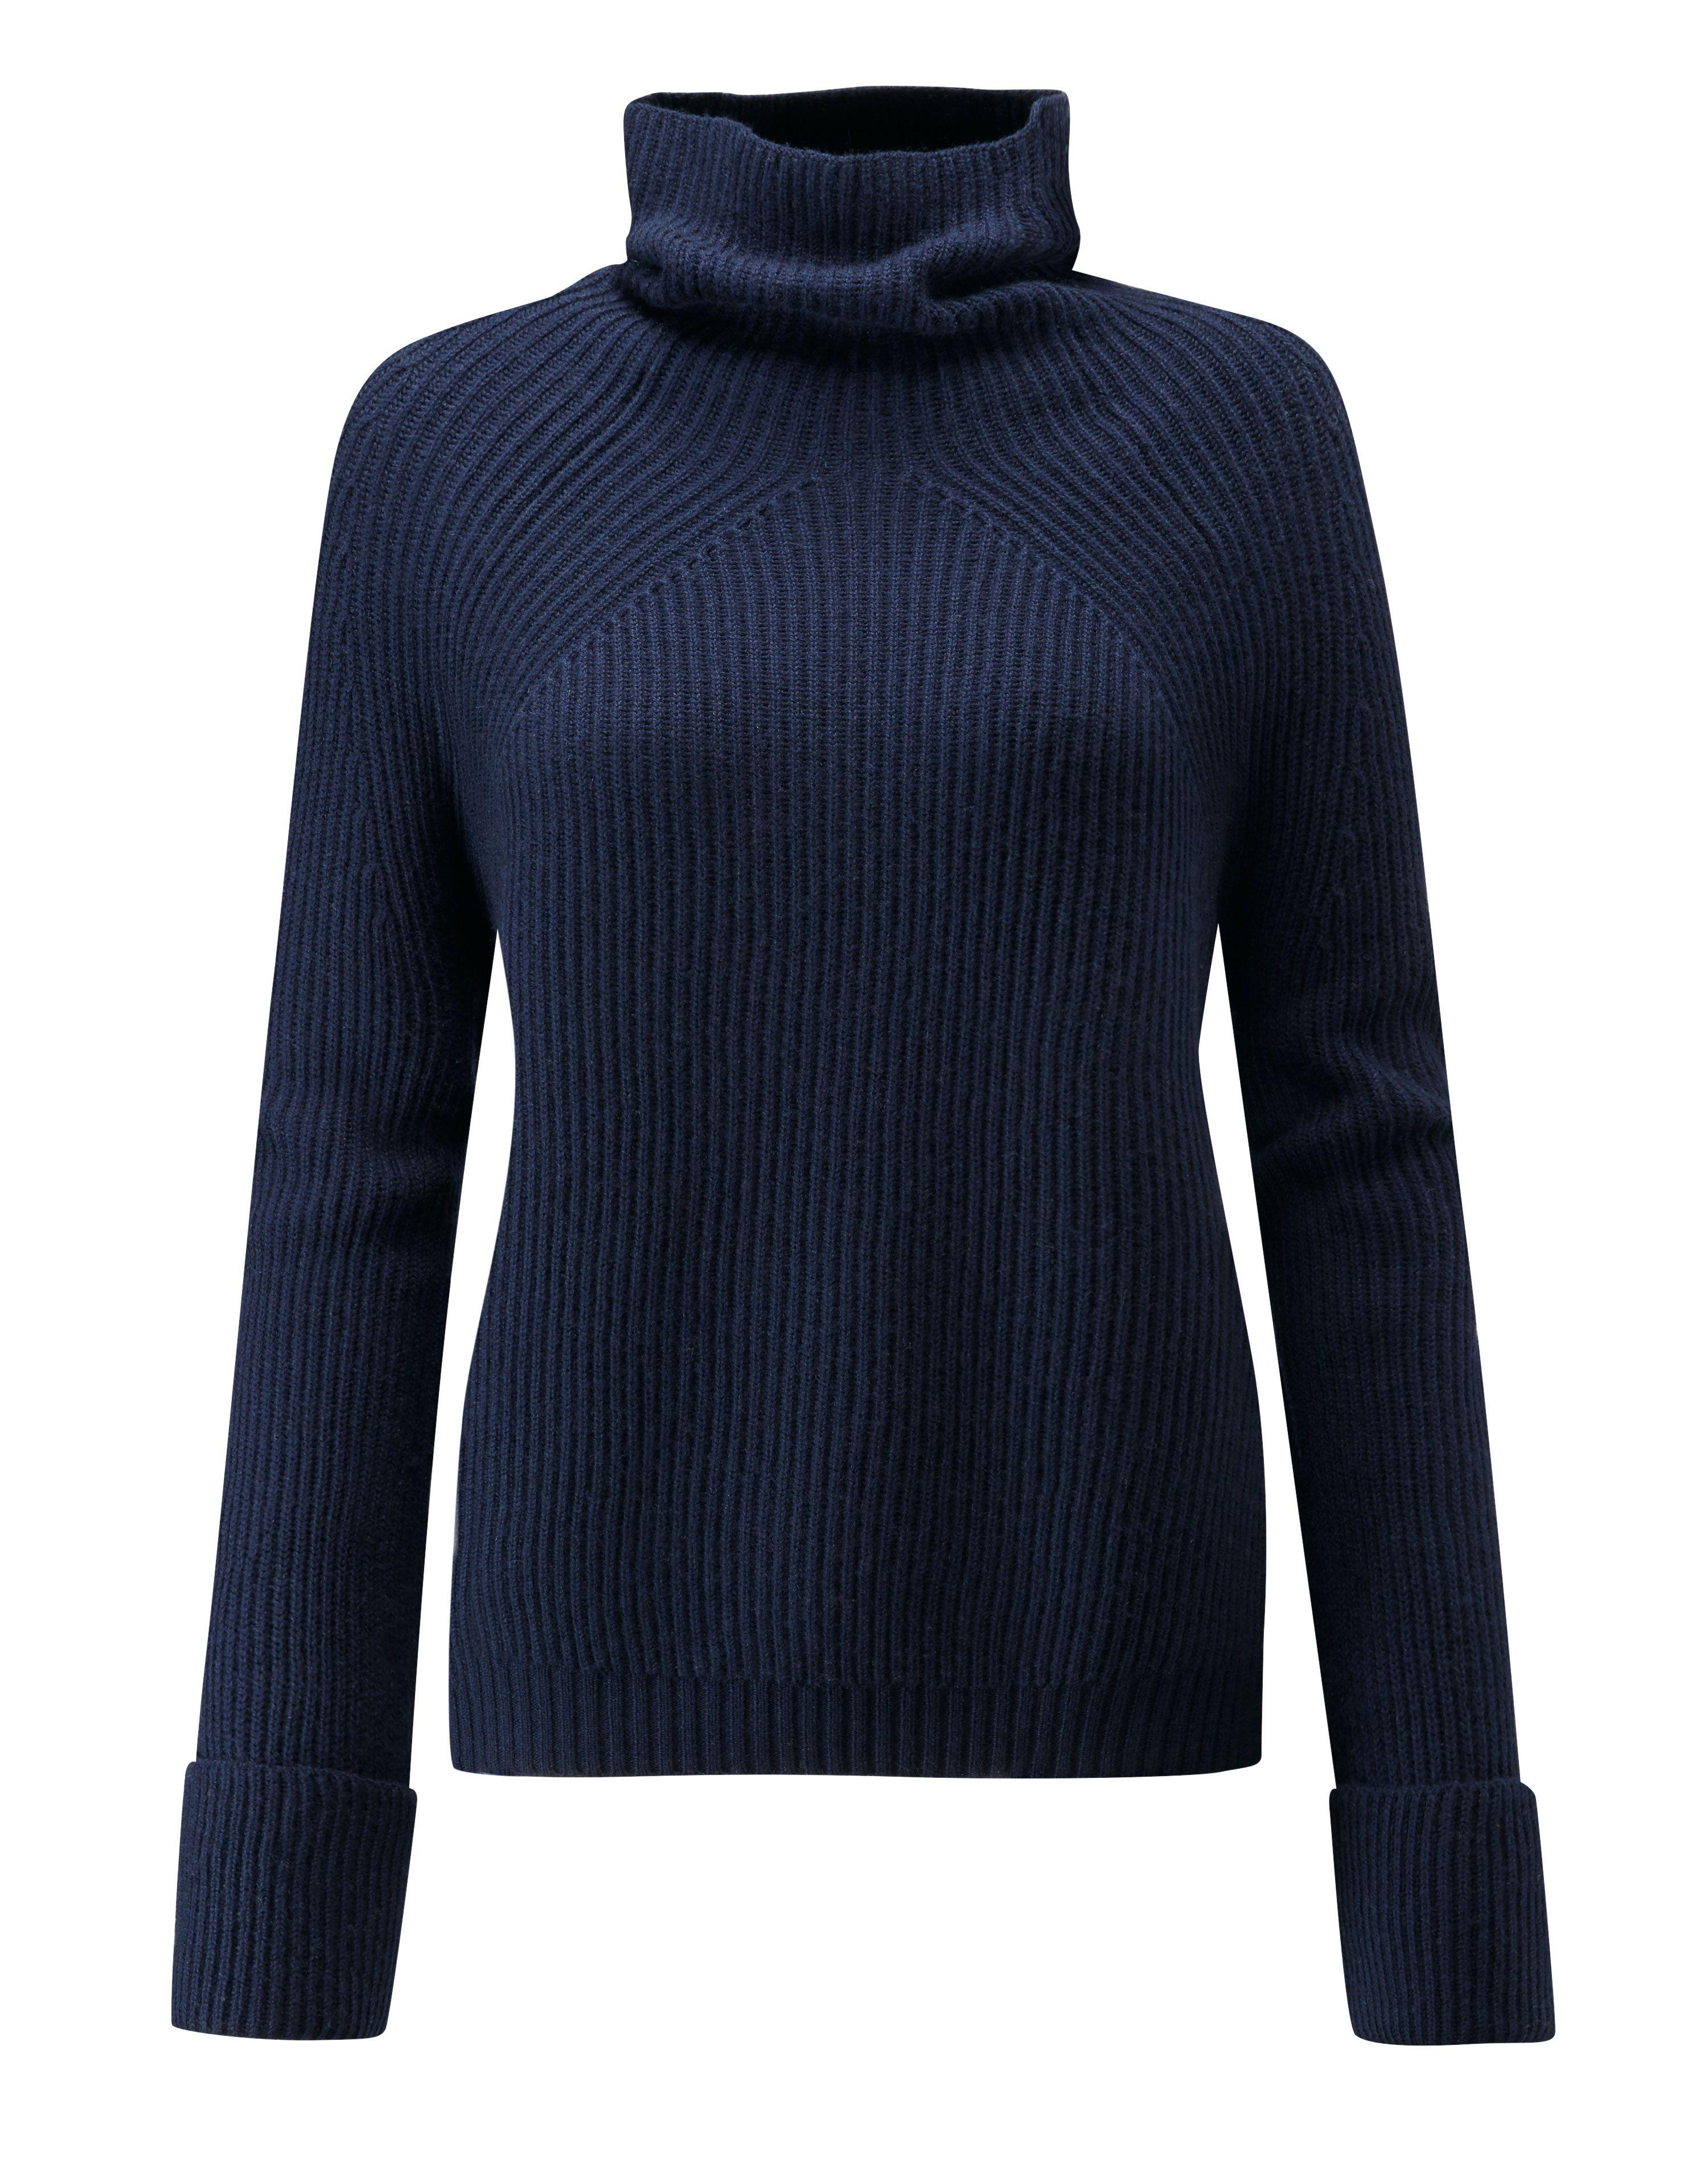 379840030 Womens Rib Detail Sweater